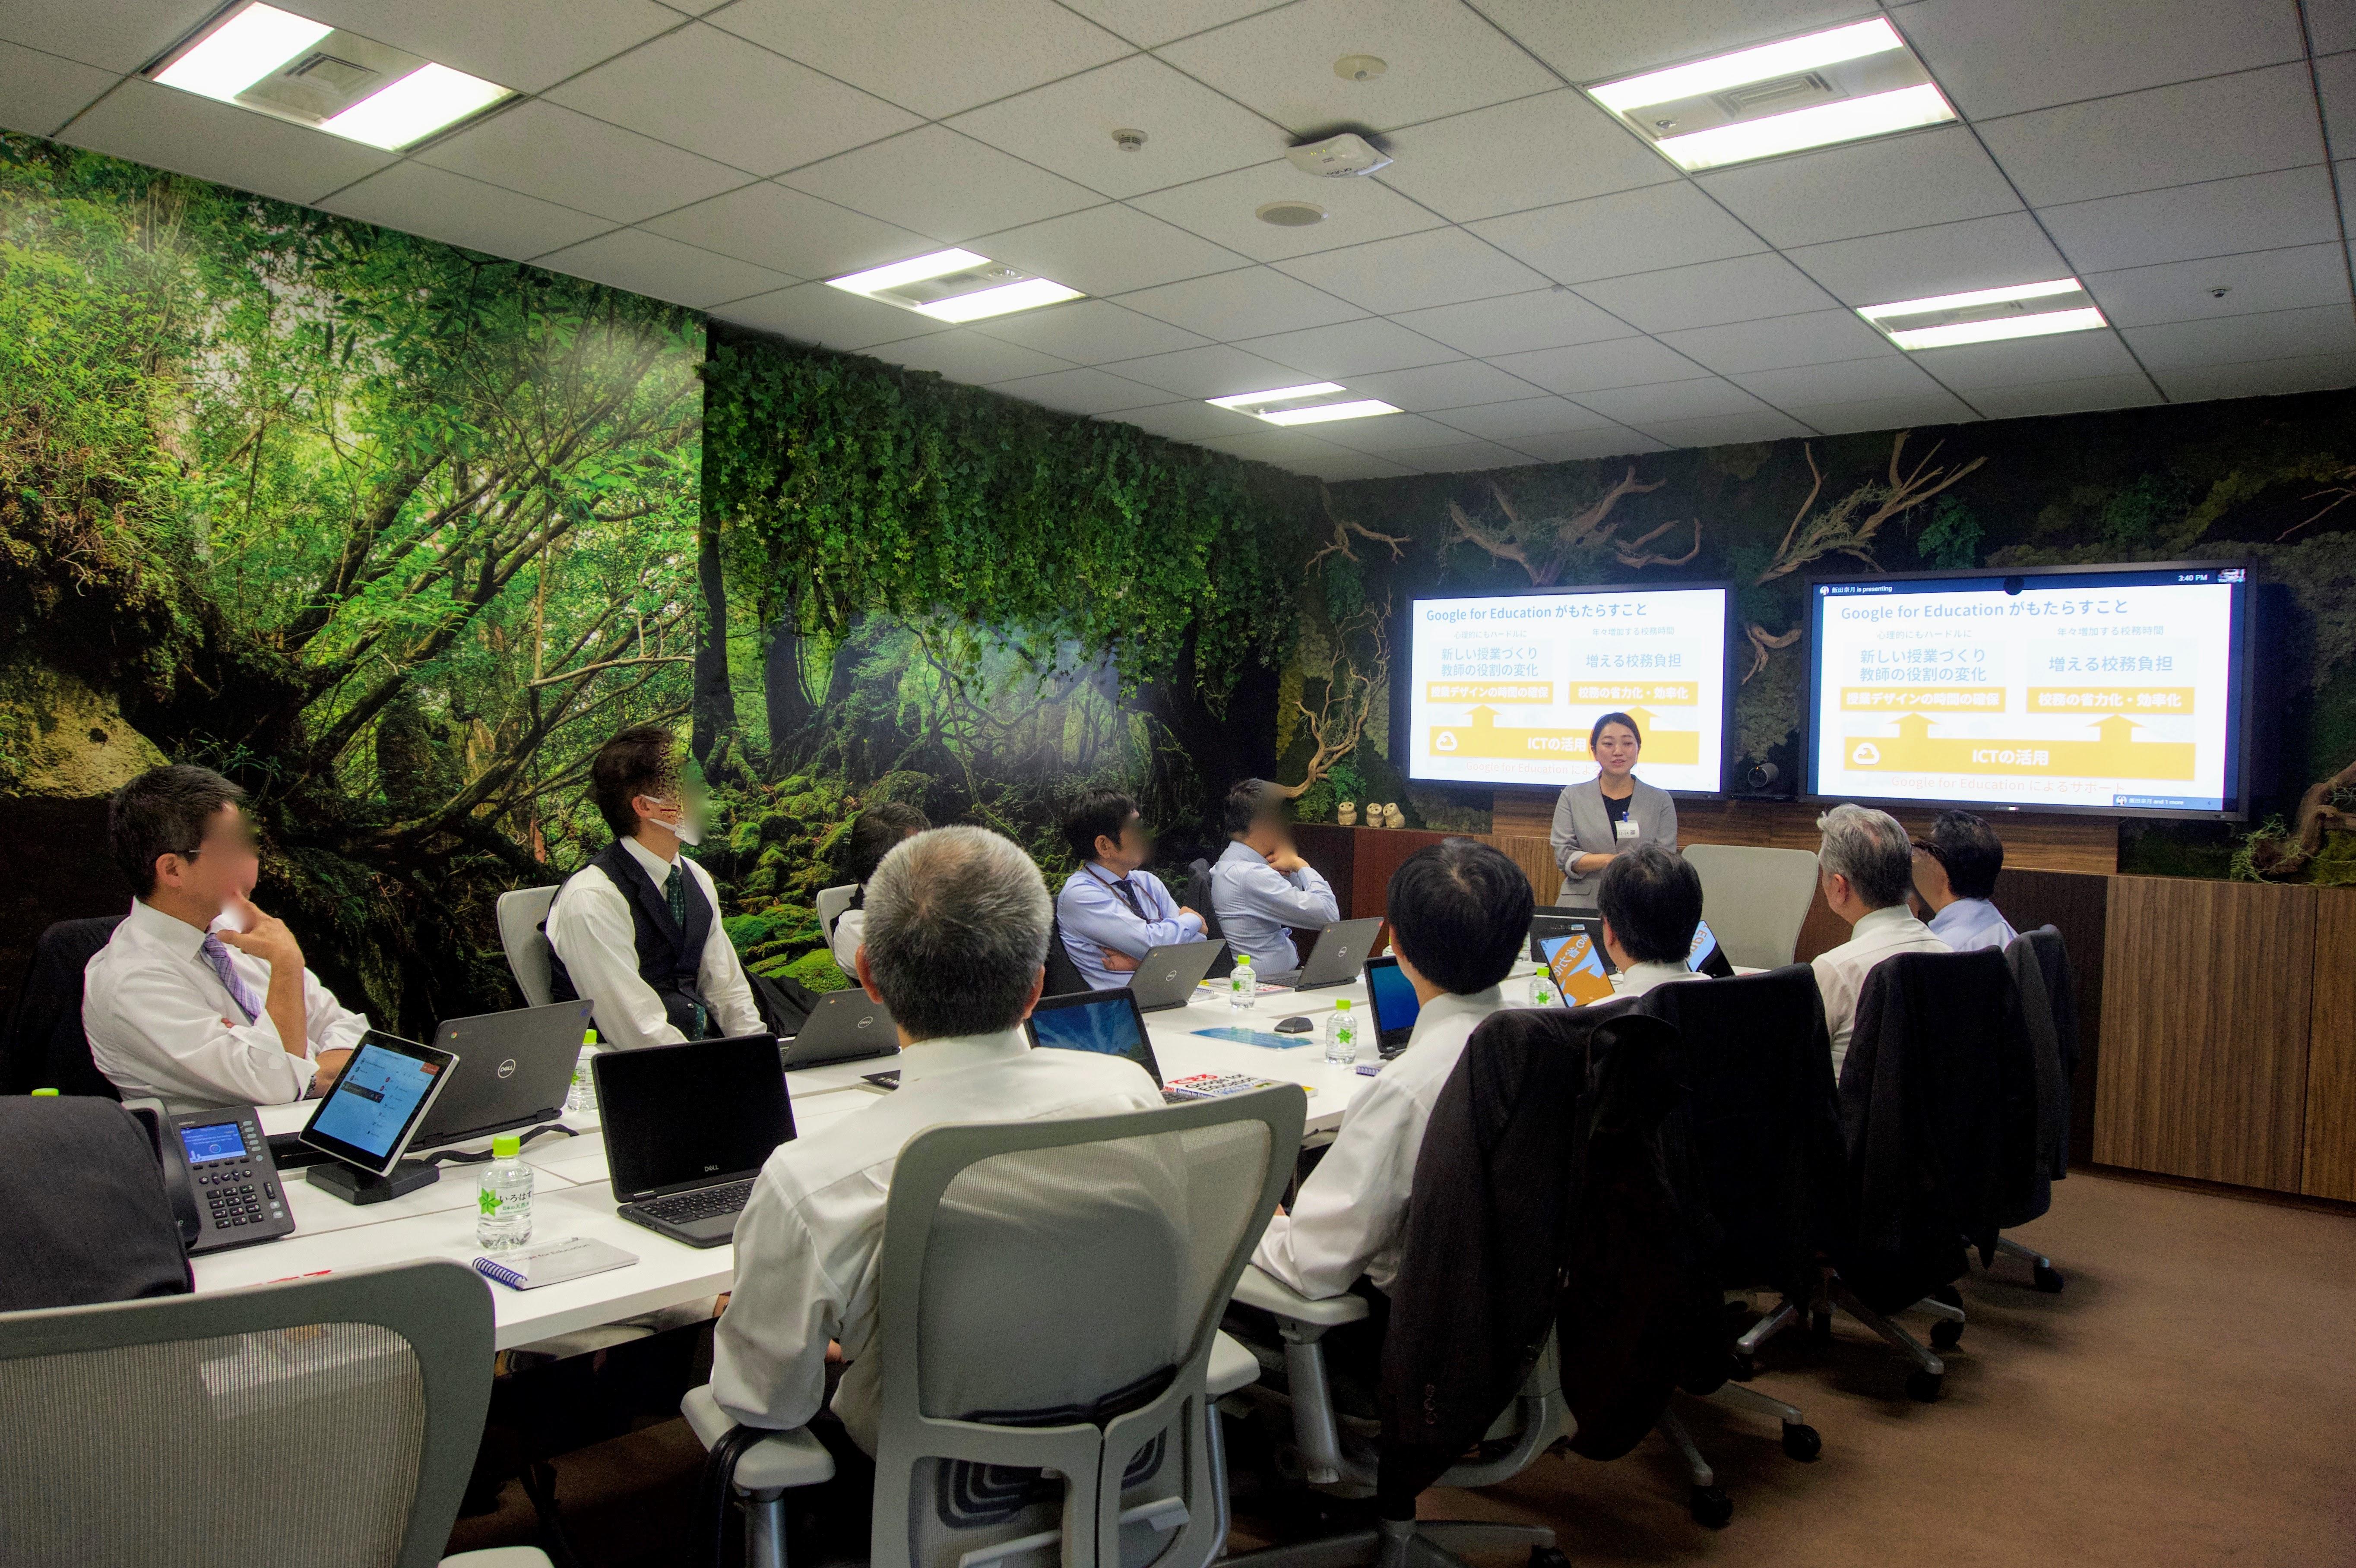 東京都立高等学校の校長先生方へ向けて、Google for Education のセミナーを行いました